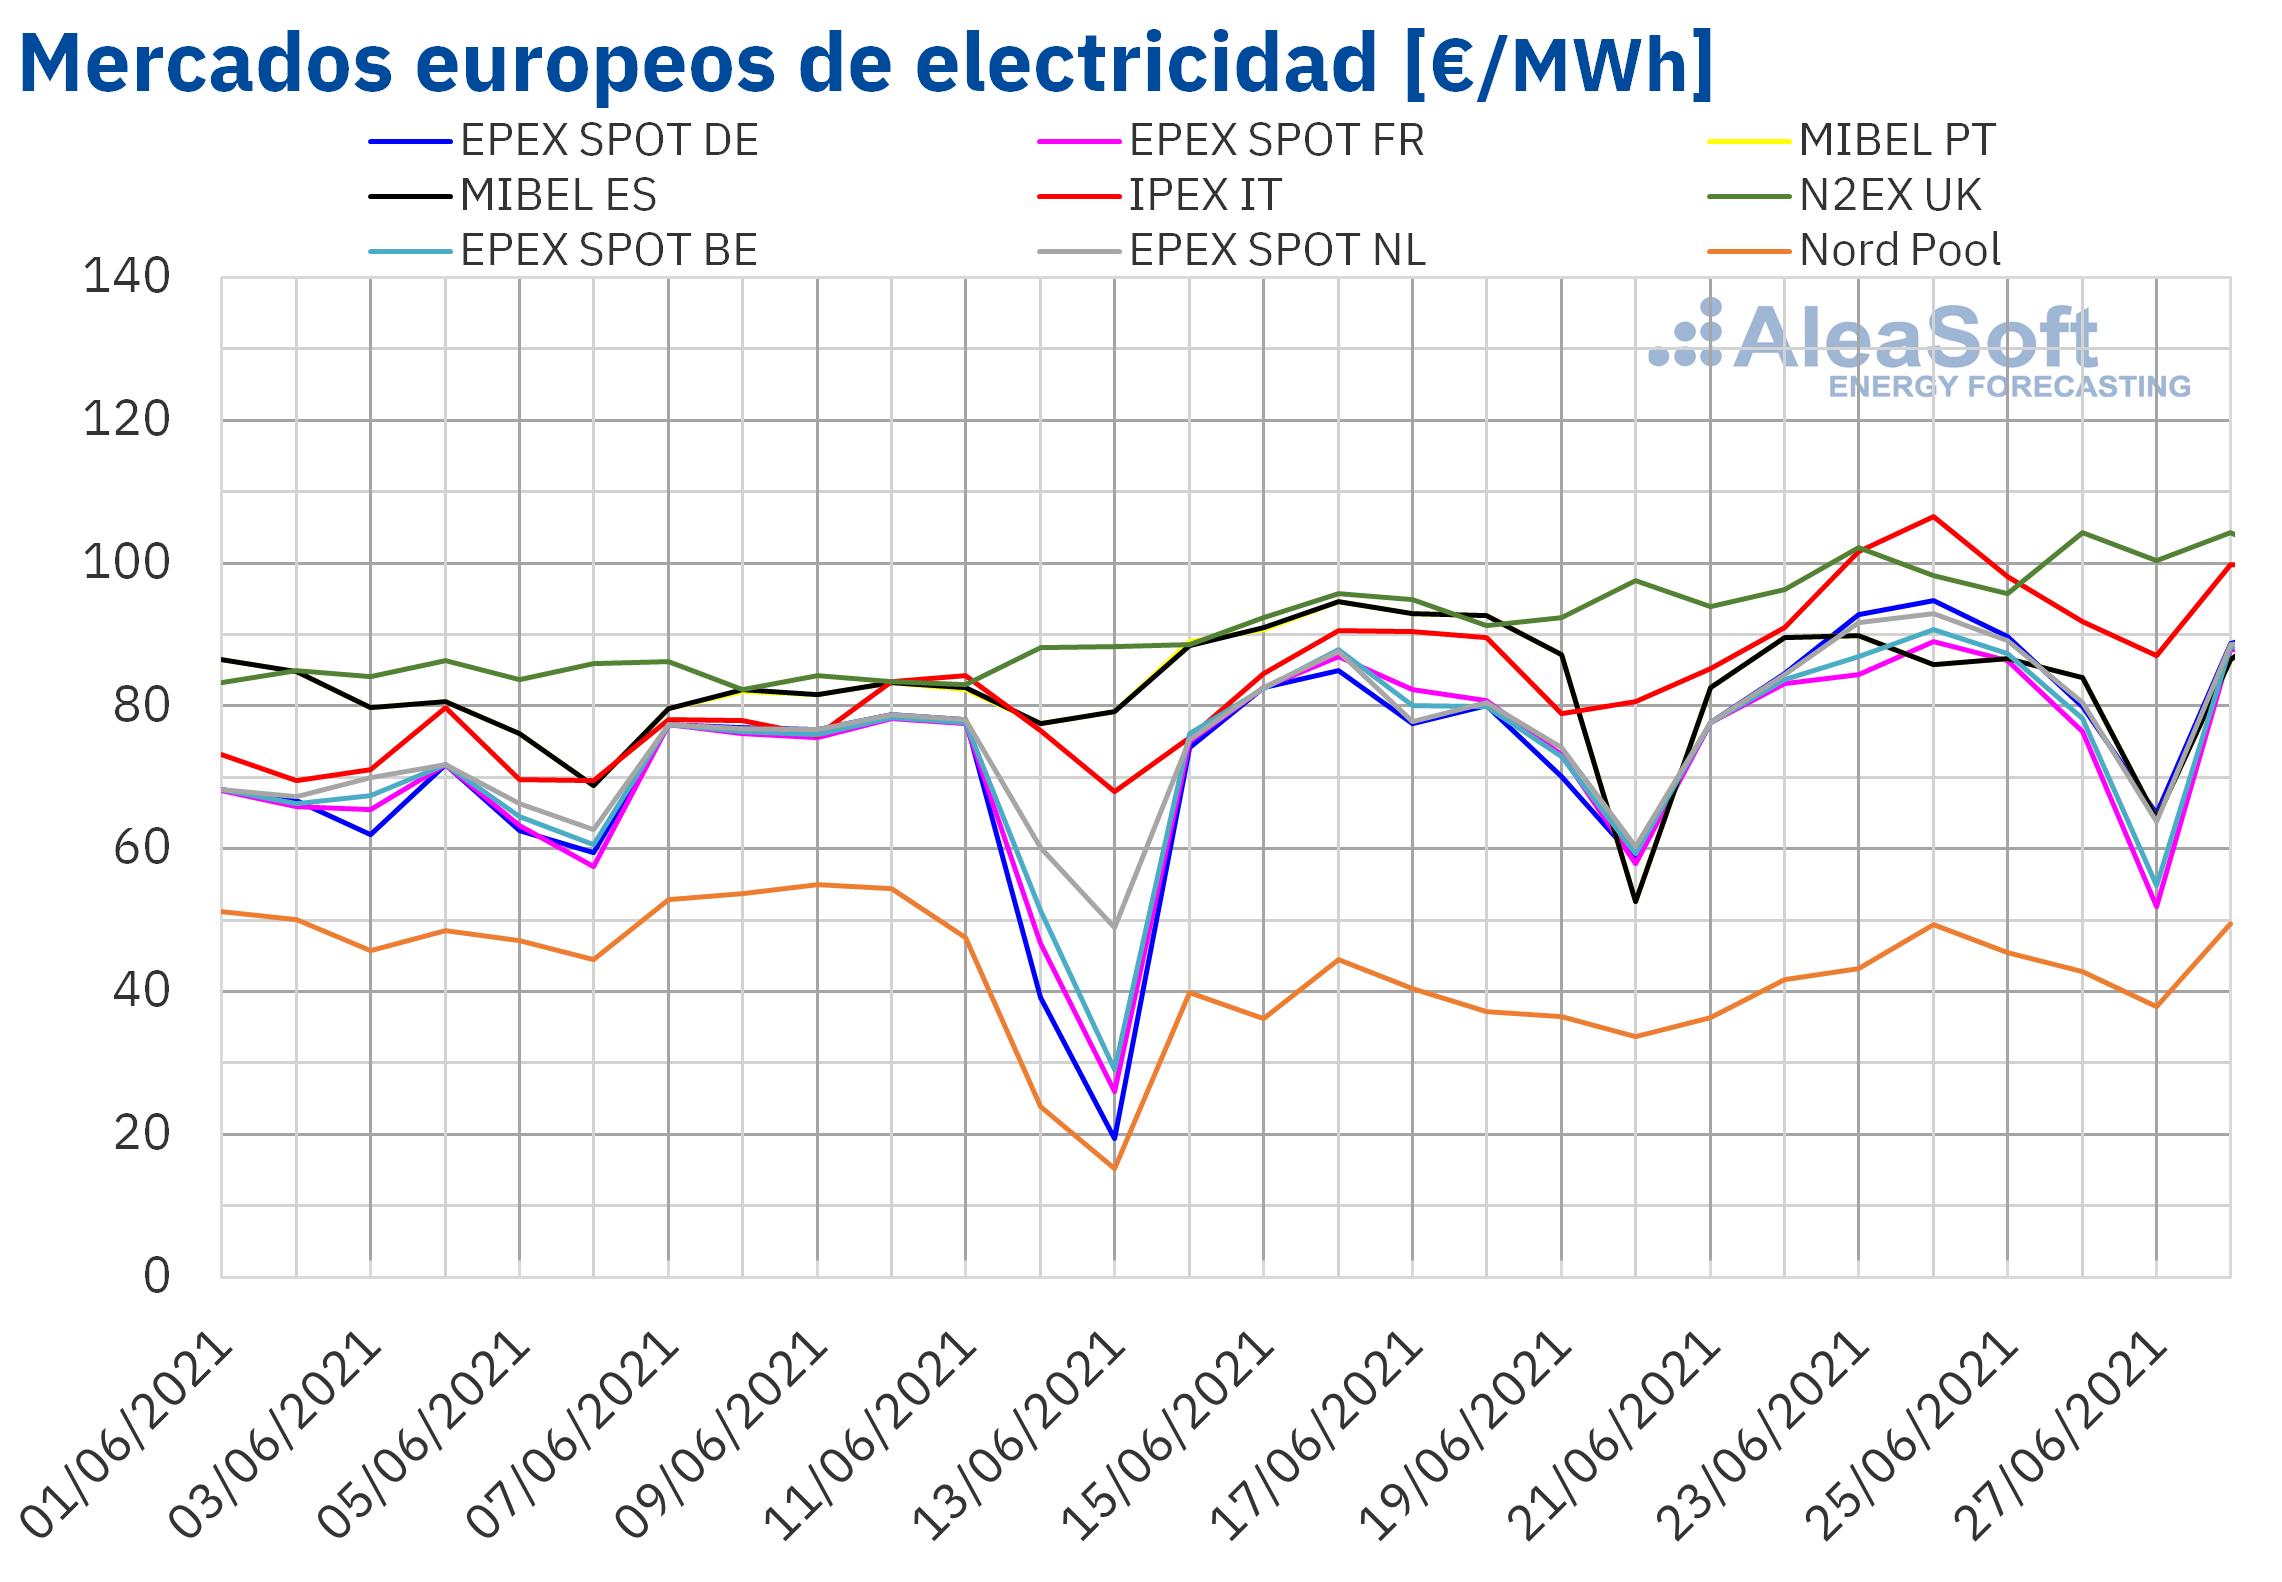 AleaSoft: La escalada de precios del Brent, gas y CO2 sigue sin dar un respiro a los mercados europeos